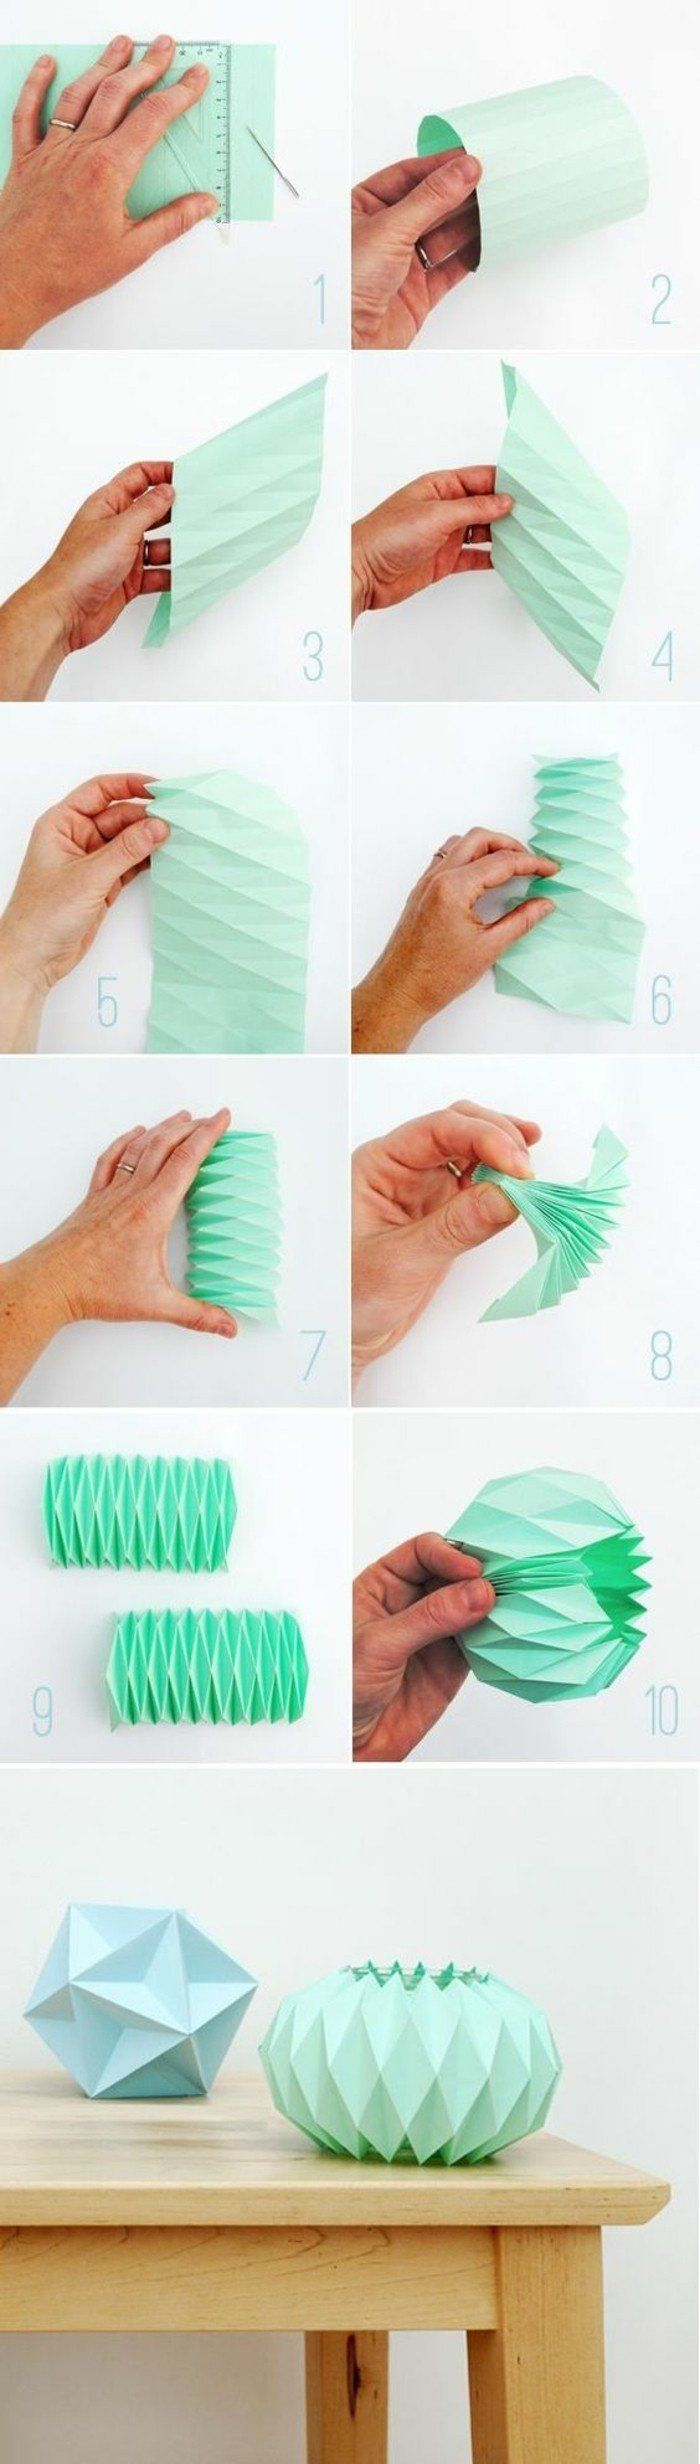 les étapes pour fabriquer un abat jour origami en papier vert, technique de pliage origami originale